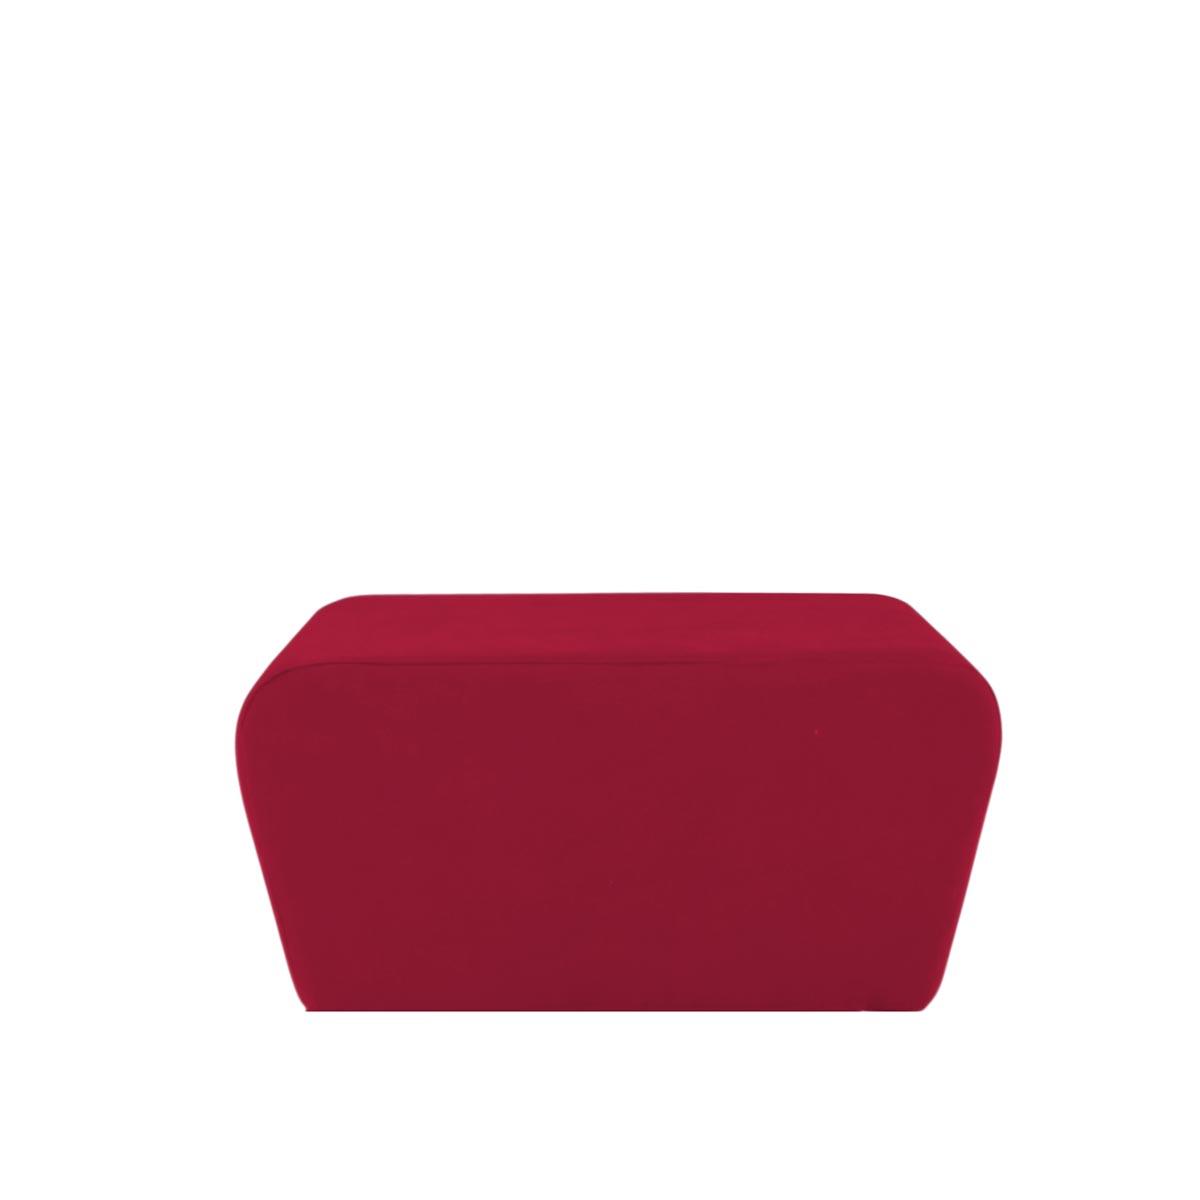 Pufe Muss R02 Tecido Lonita Vermelho Da China 03